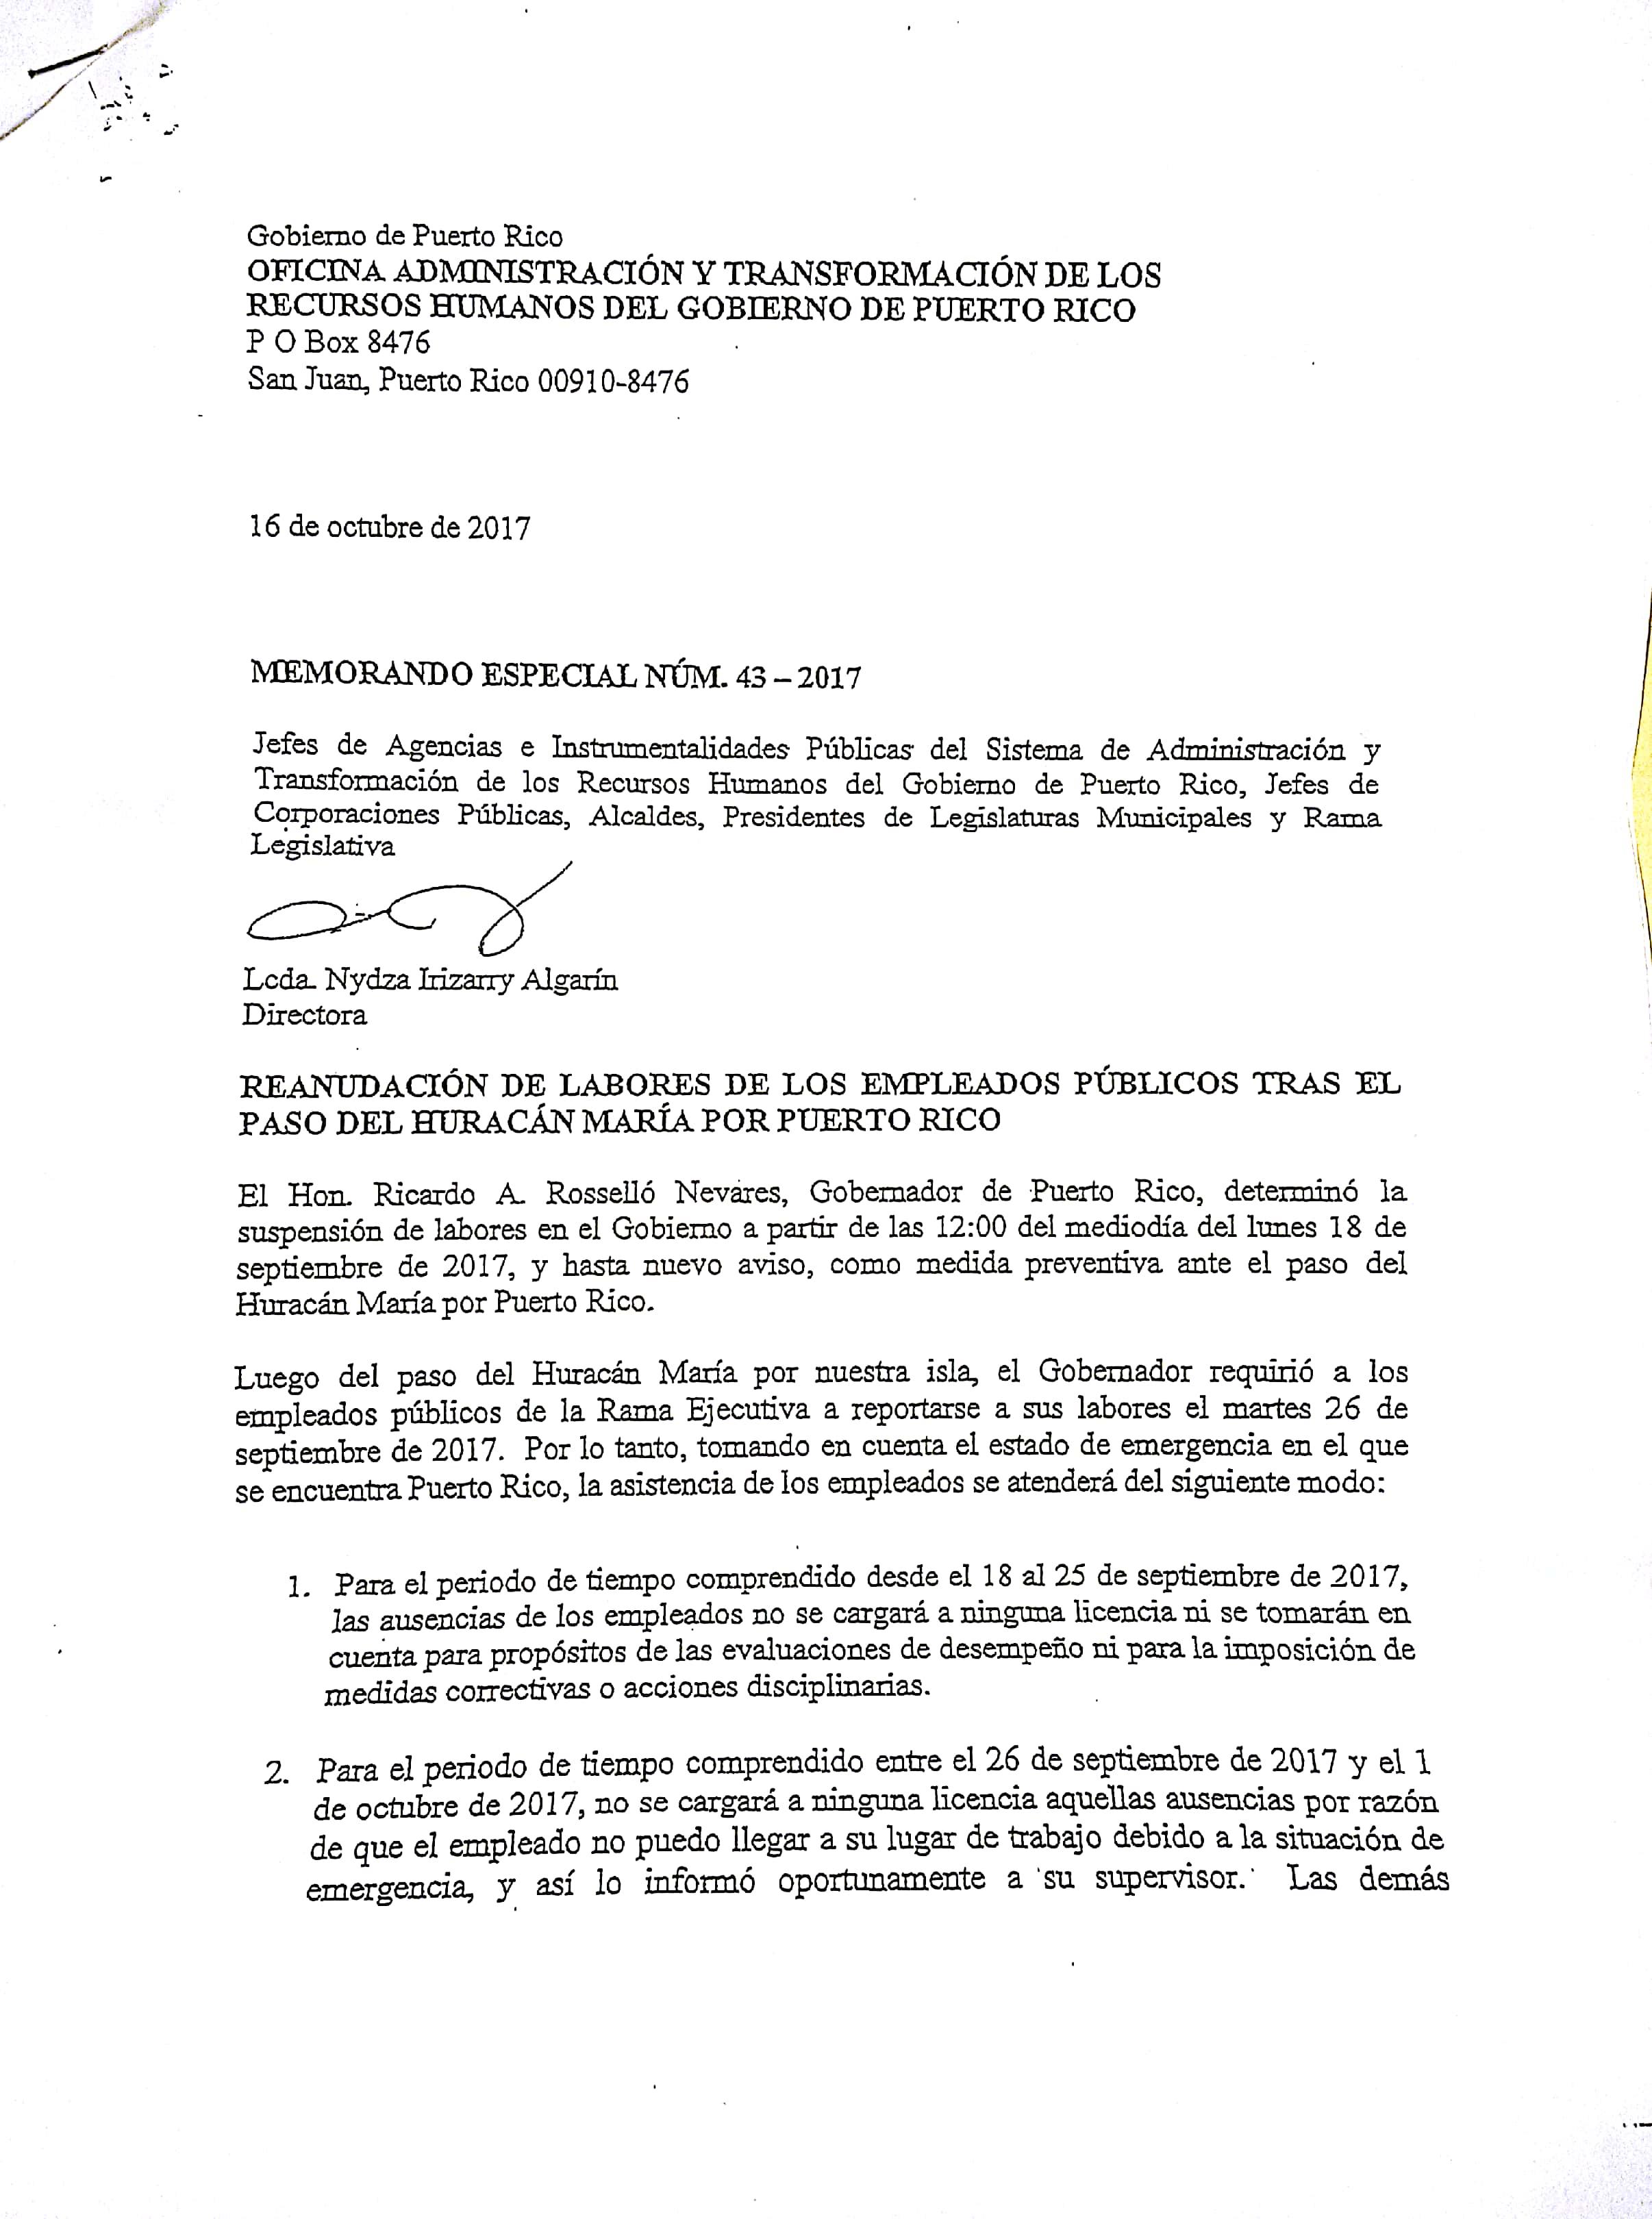 CONFIRMADA LA POSICIÓN DE LA ASOCIACIÓN Y ESTADO DICTATORIAL EN LA ...